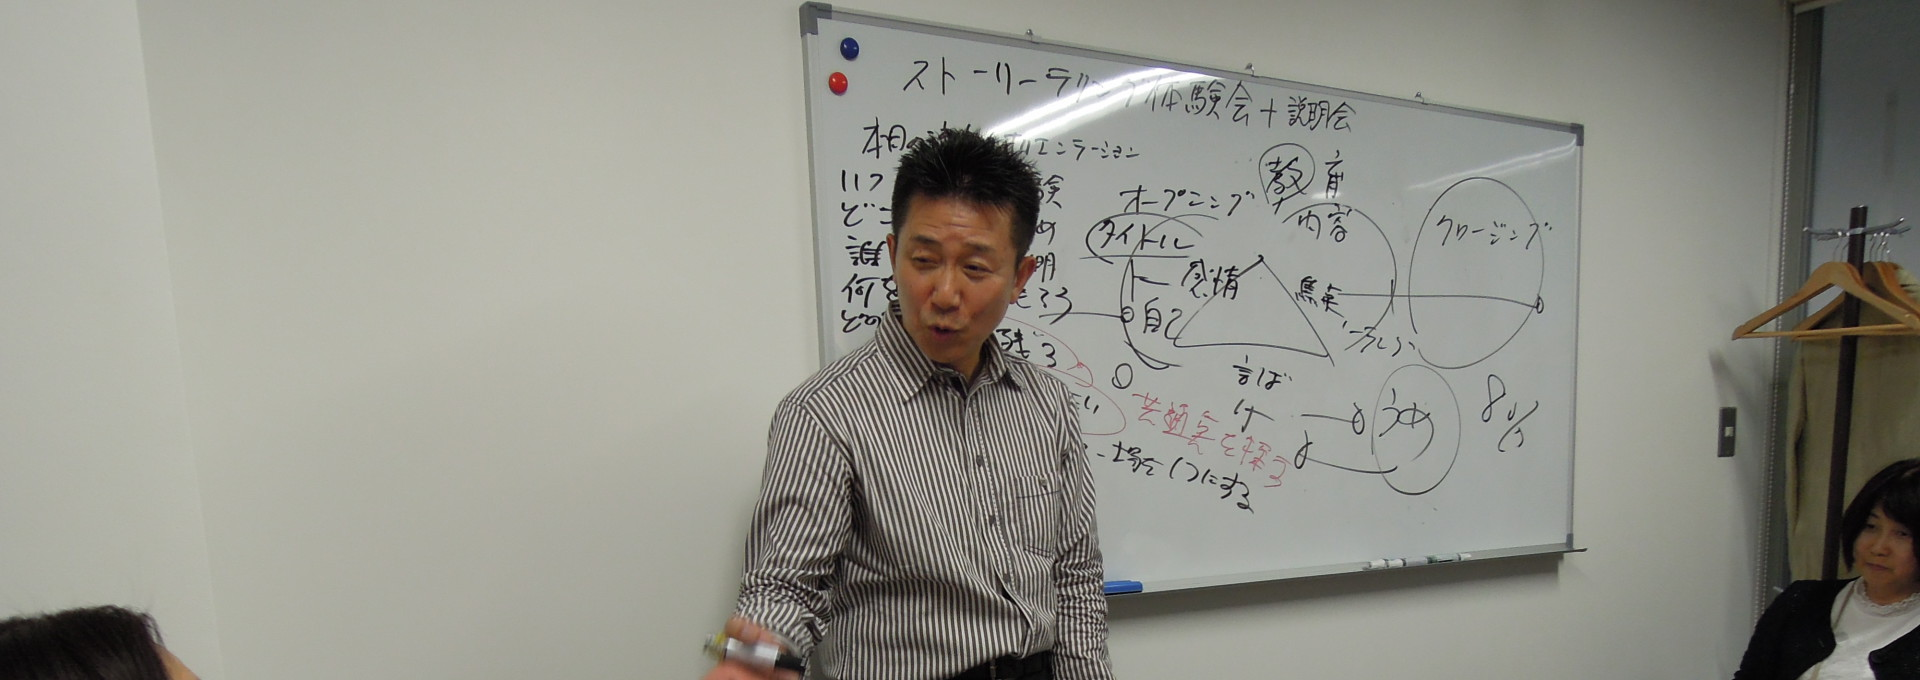 ビジネス ストーリー ジャーナル